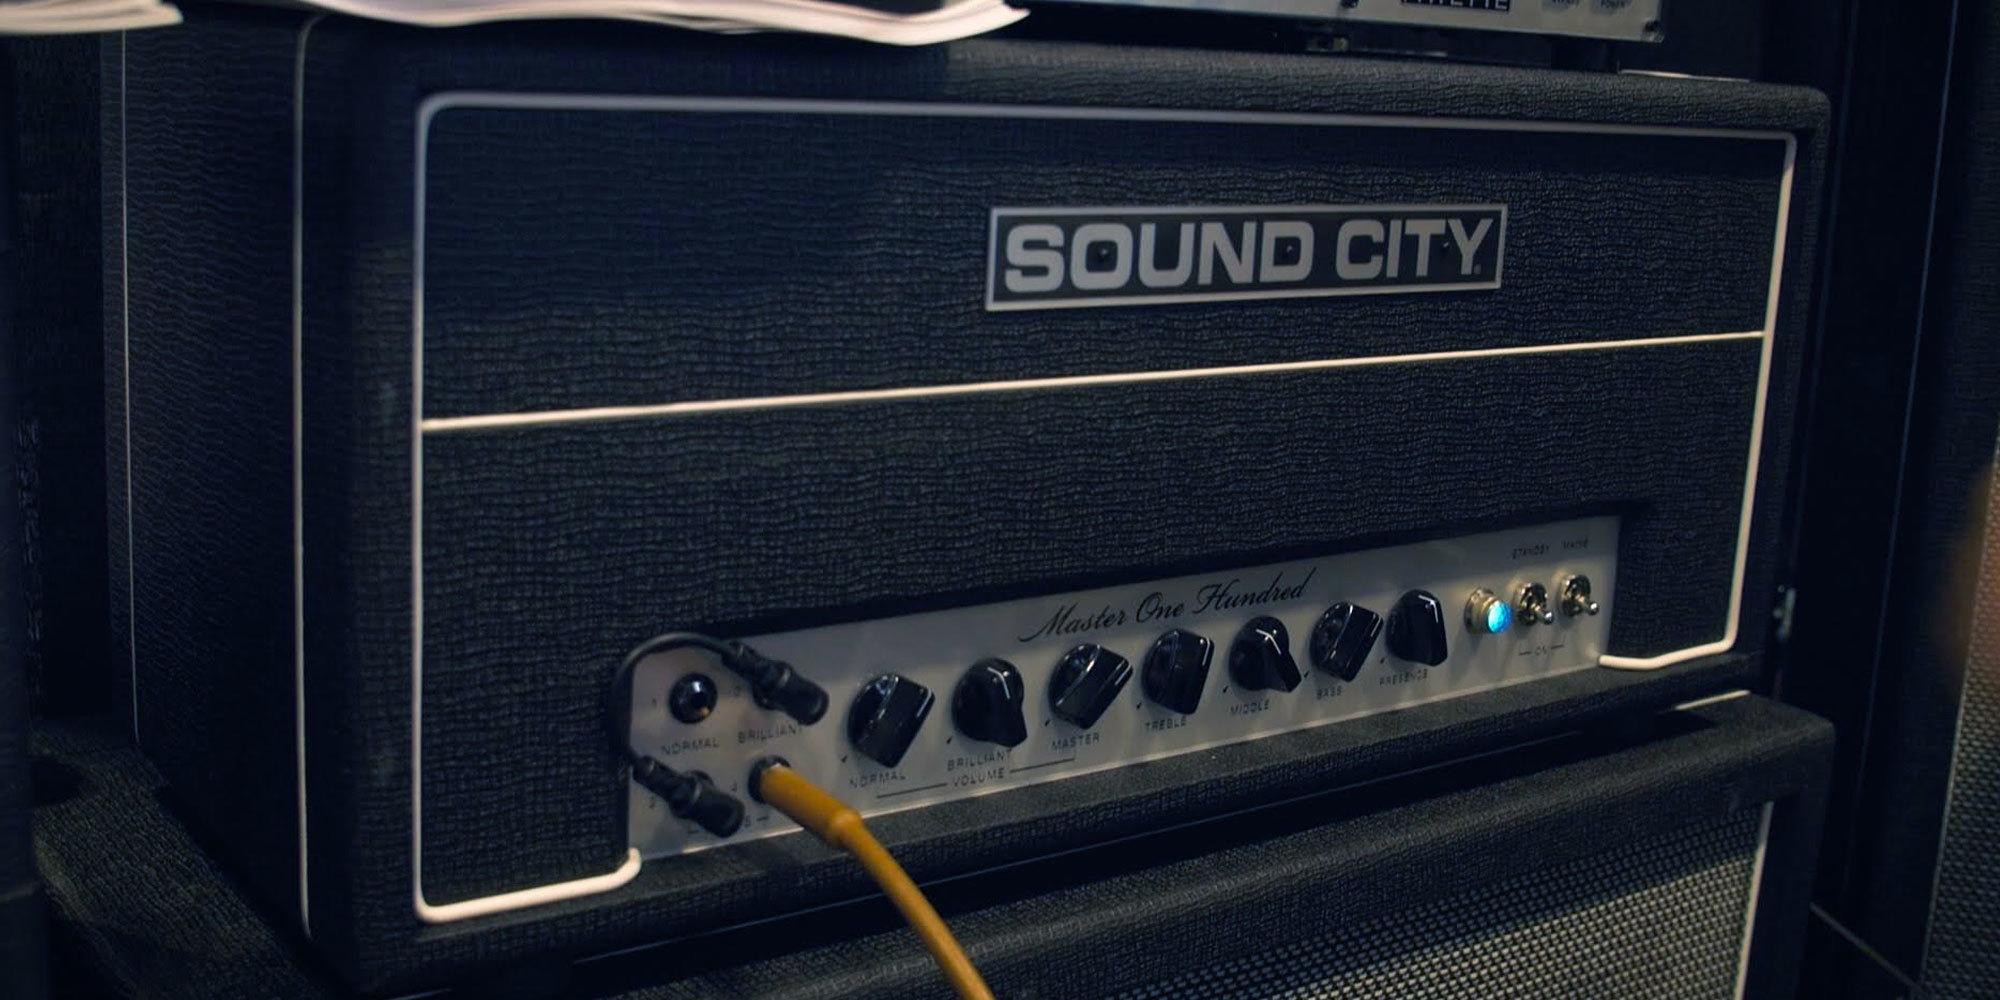 Sound City Master One Hundred Amp